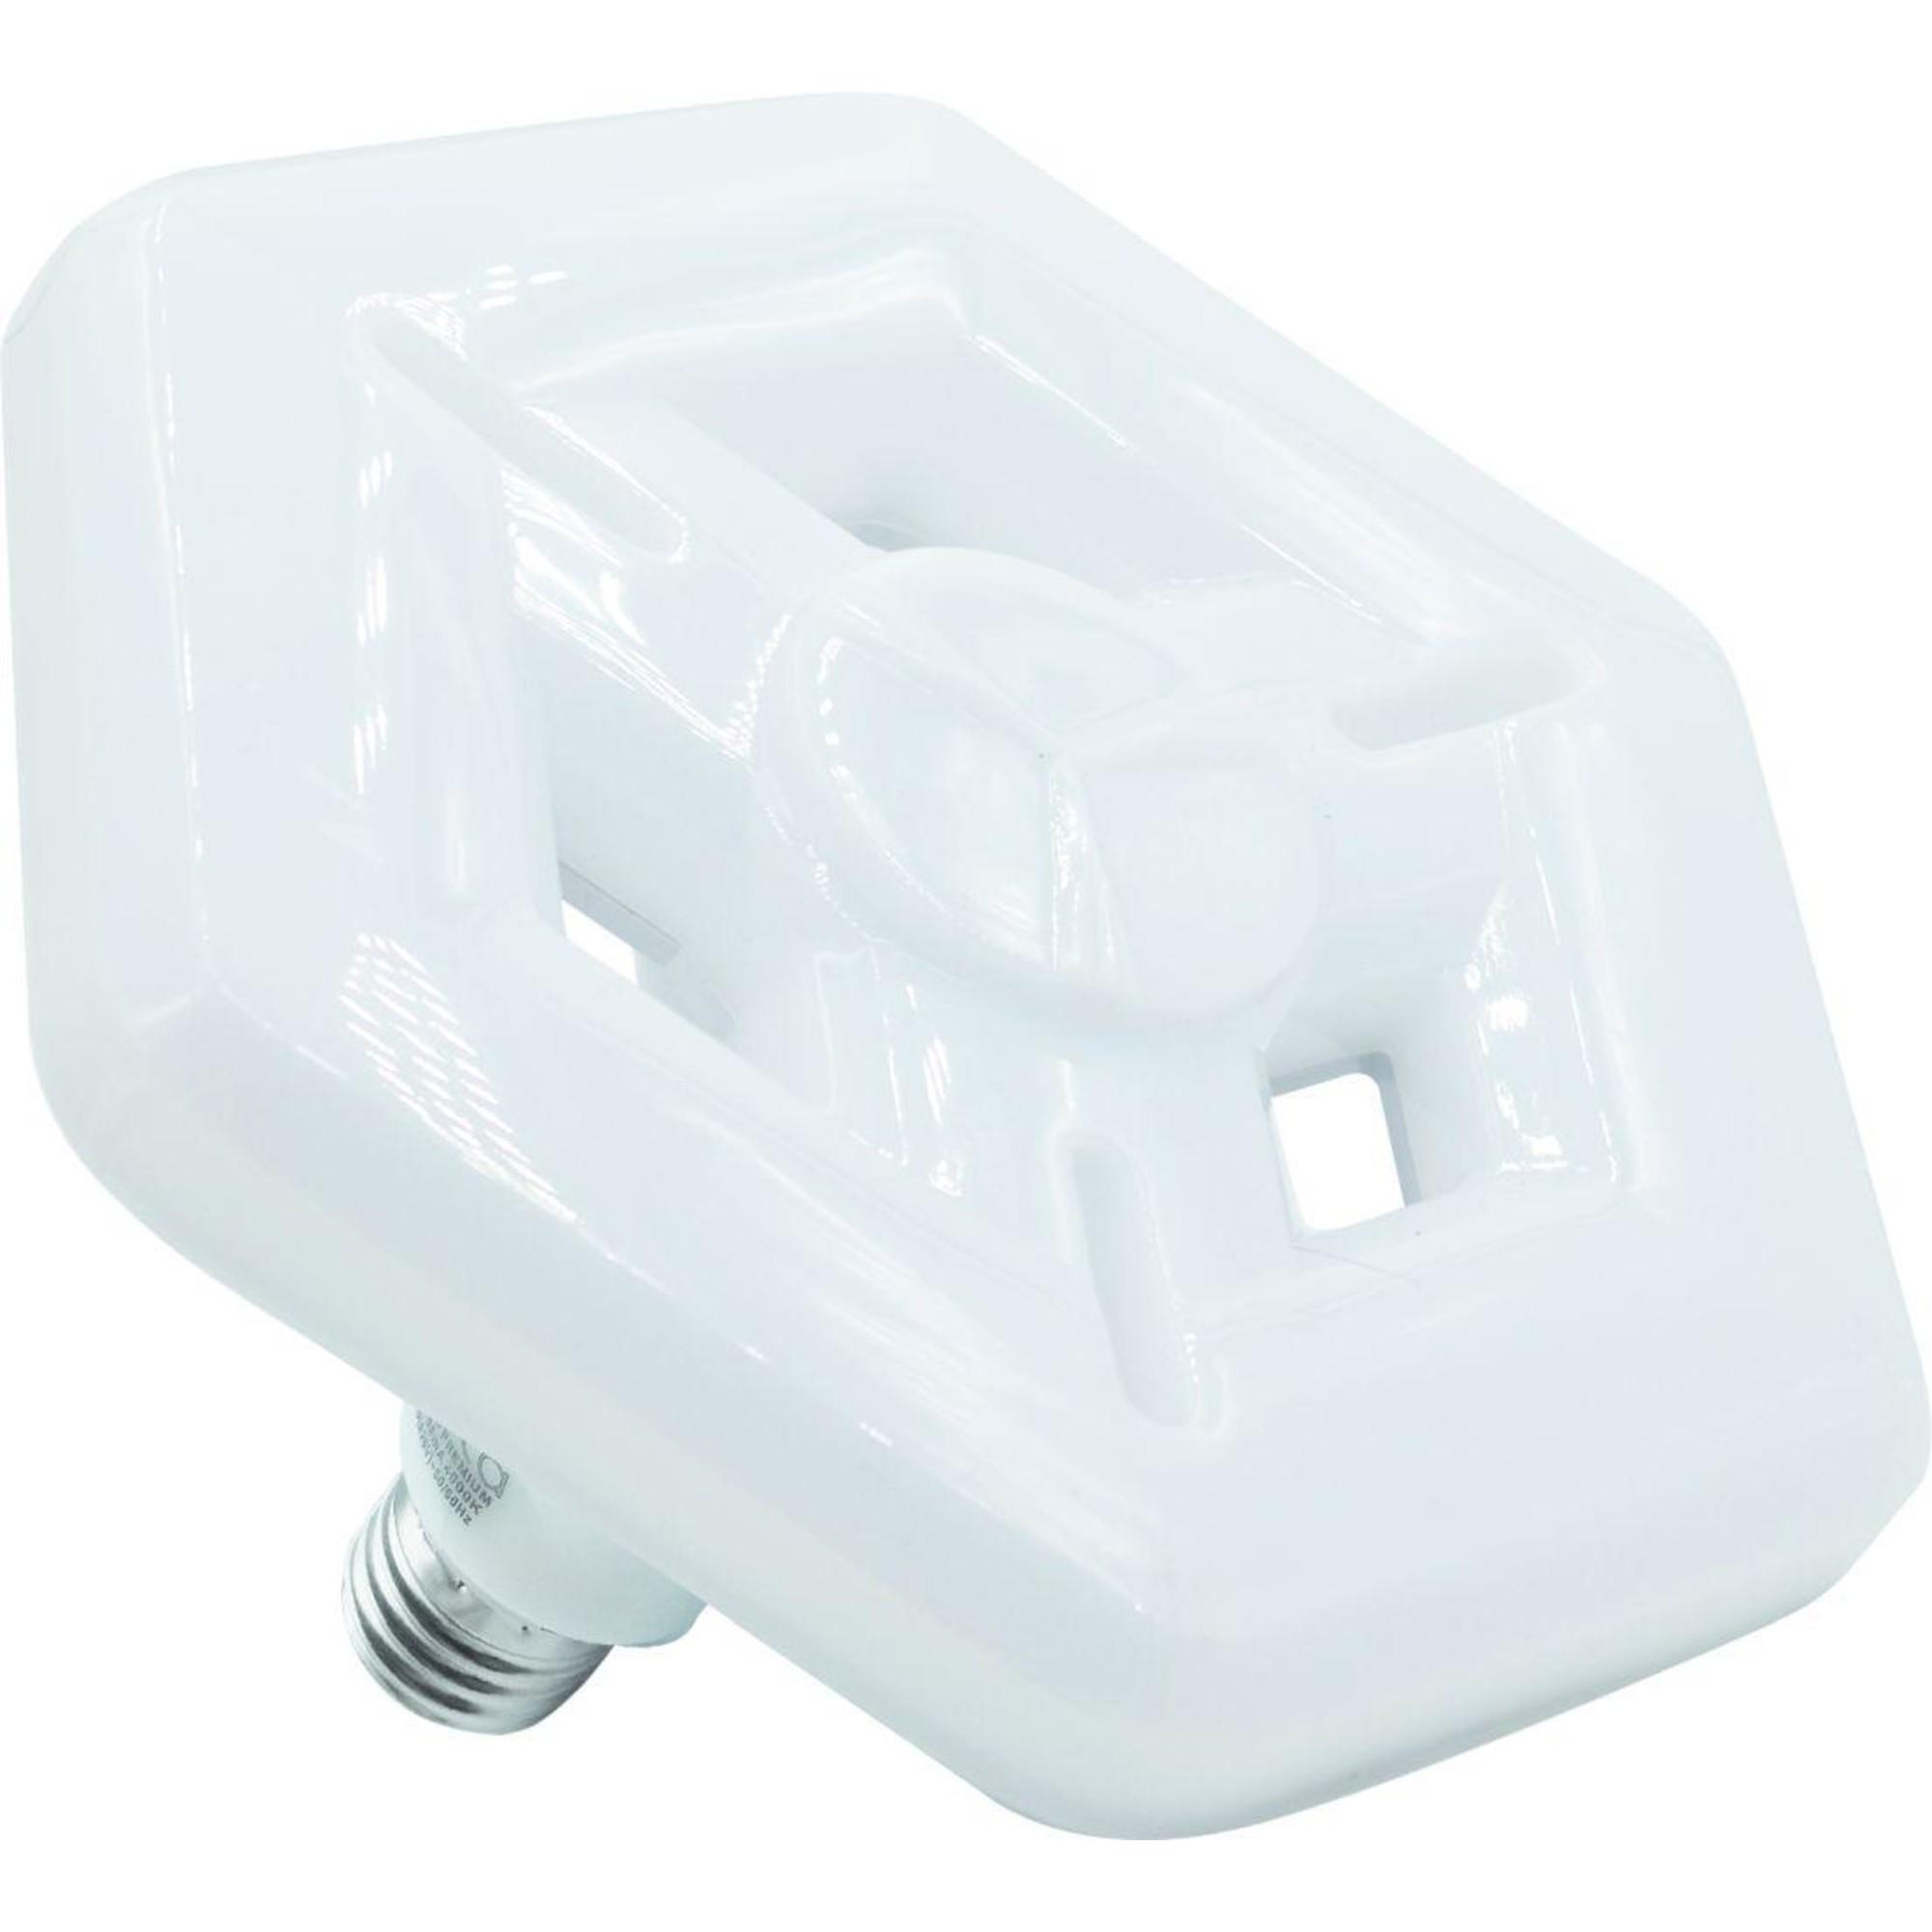 Лампа Ecola Premium светодионая E27 38 Вт 3420 Лм холодный свет